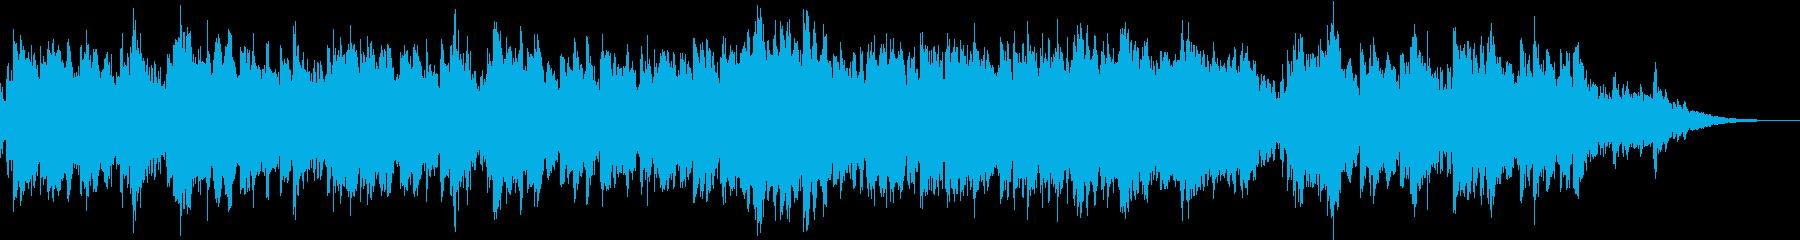 日常をフィルムカメラで映すようなBGMの再生済みの波形